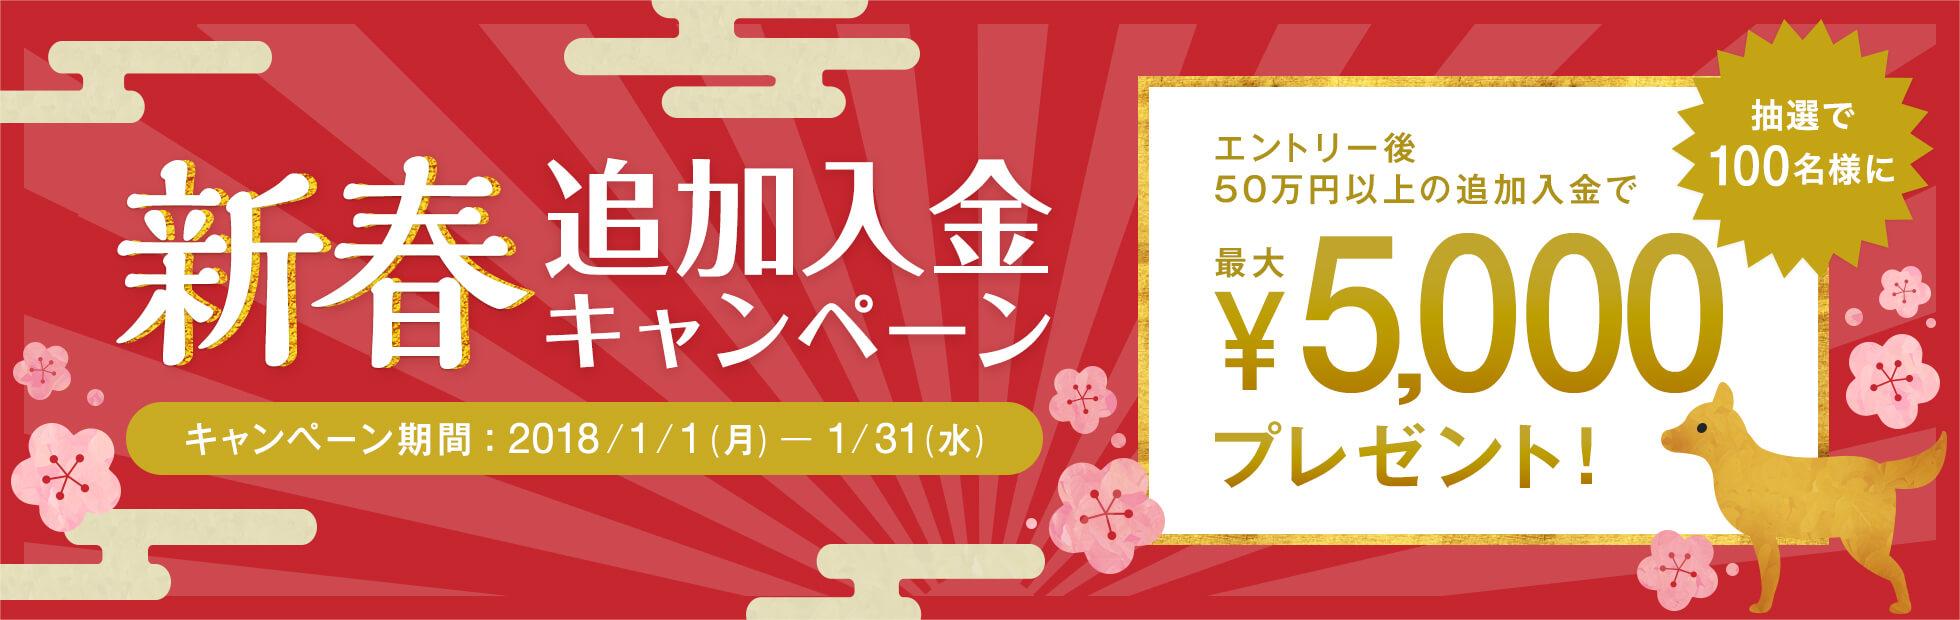 新春 追加入金キャンペーン:キャンペーン期間中に50万円以上の追加入金を行ったお客様の中から、抽選で100名様に最大5,000円プレゼント!